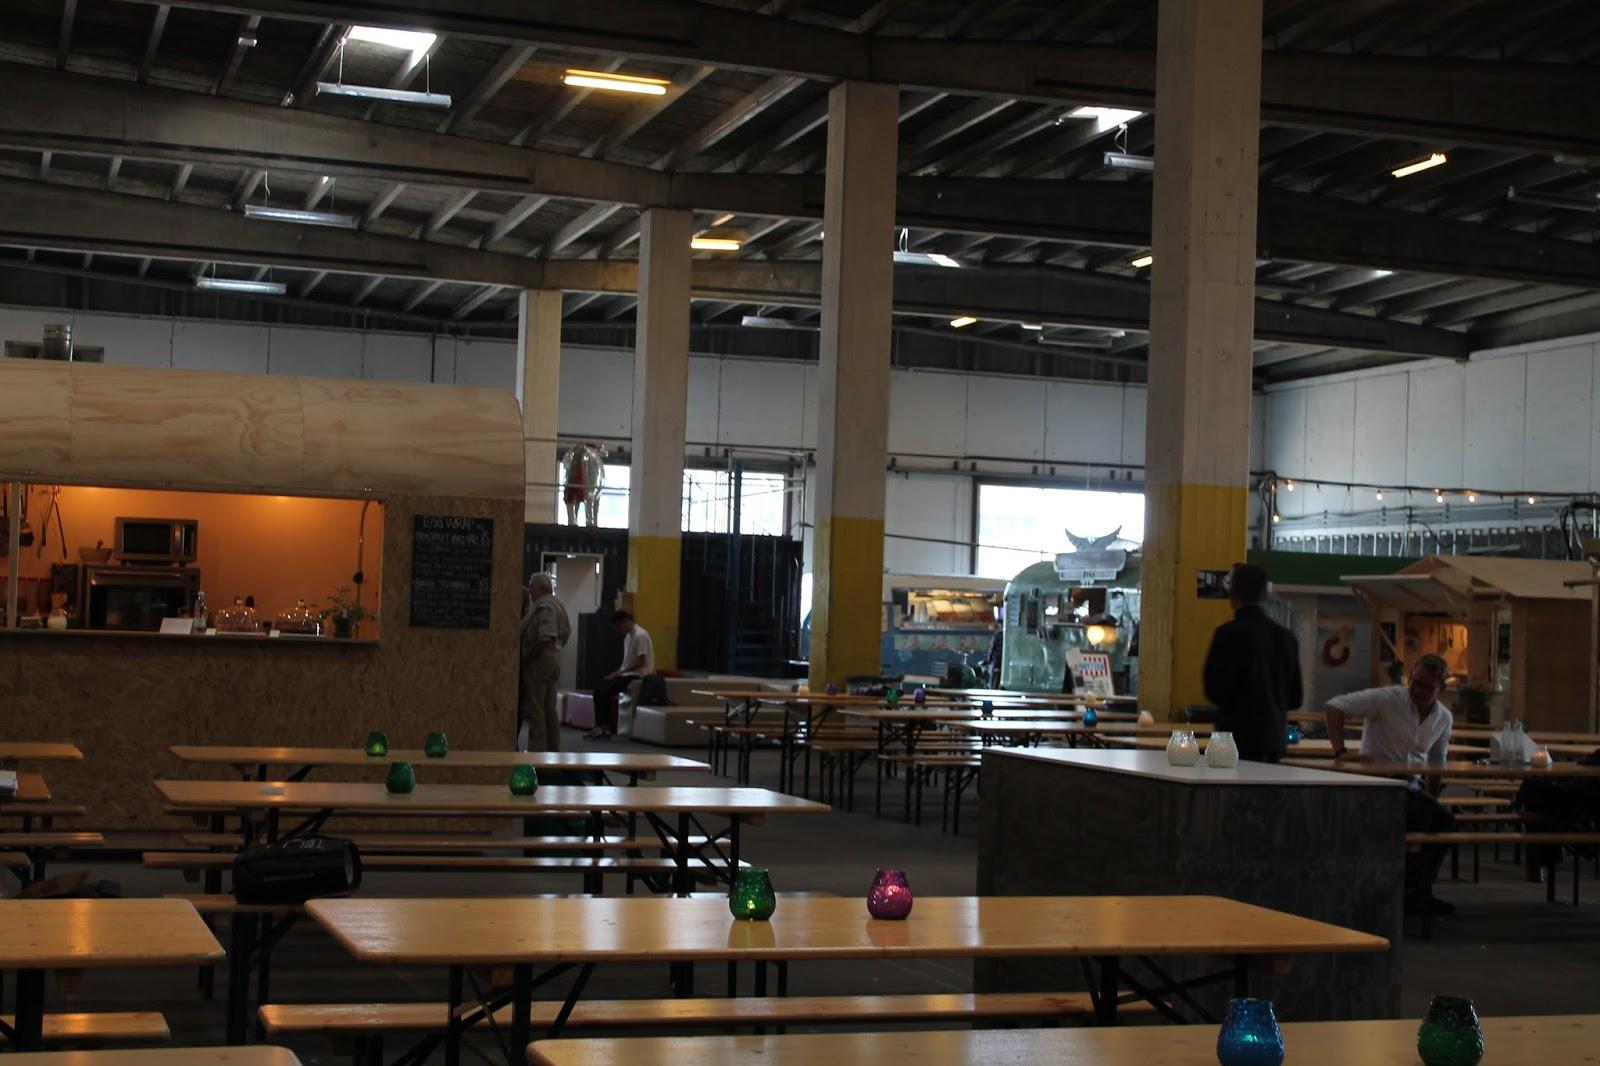 Copenhagen Street Food Paper Island - Travel Post